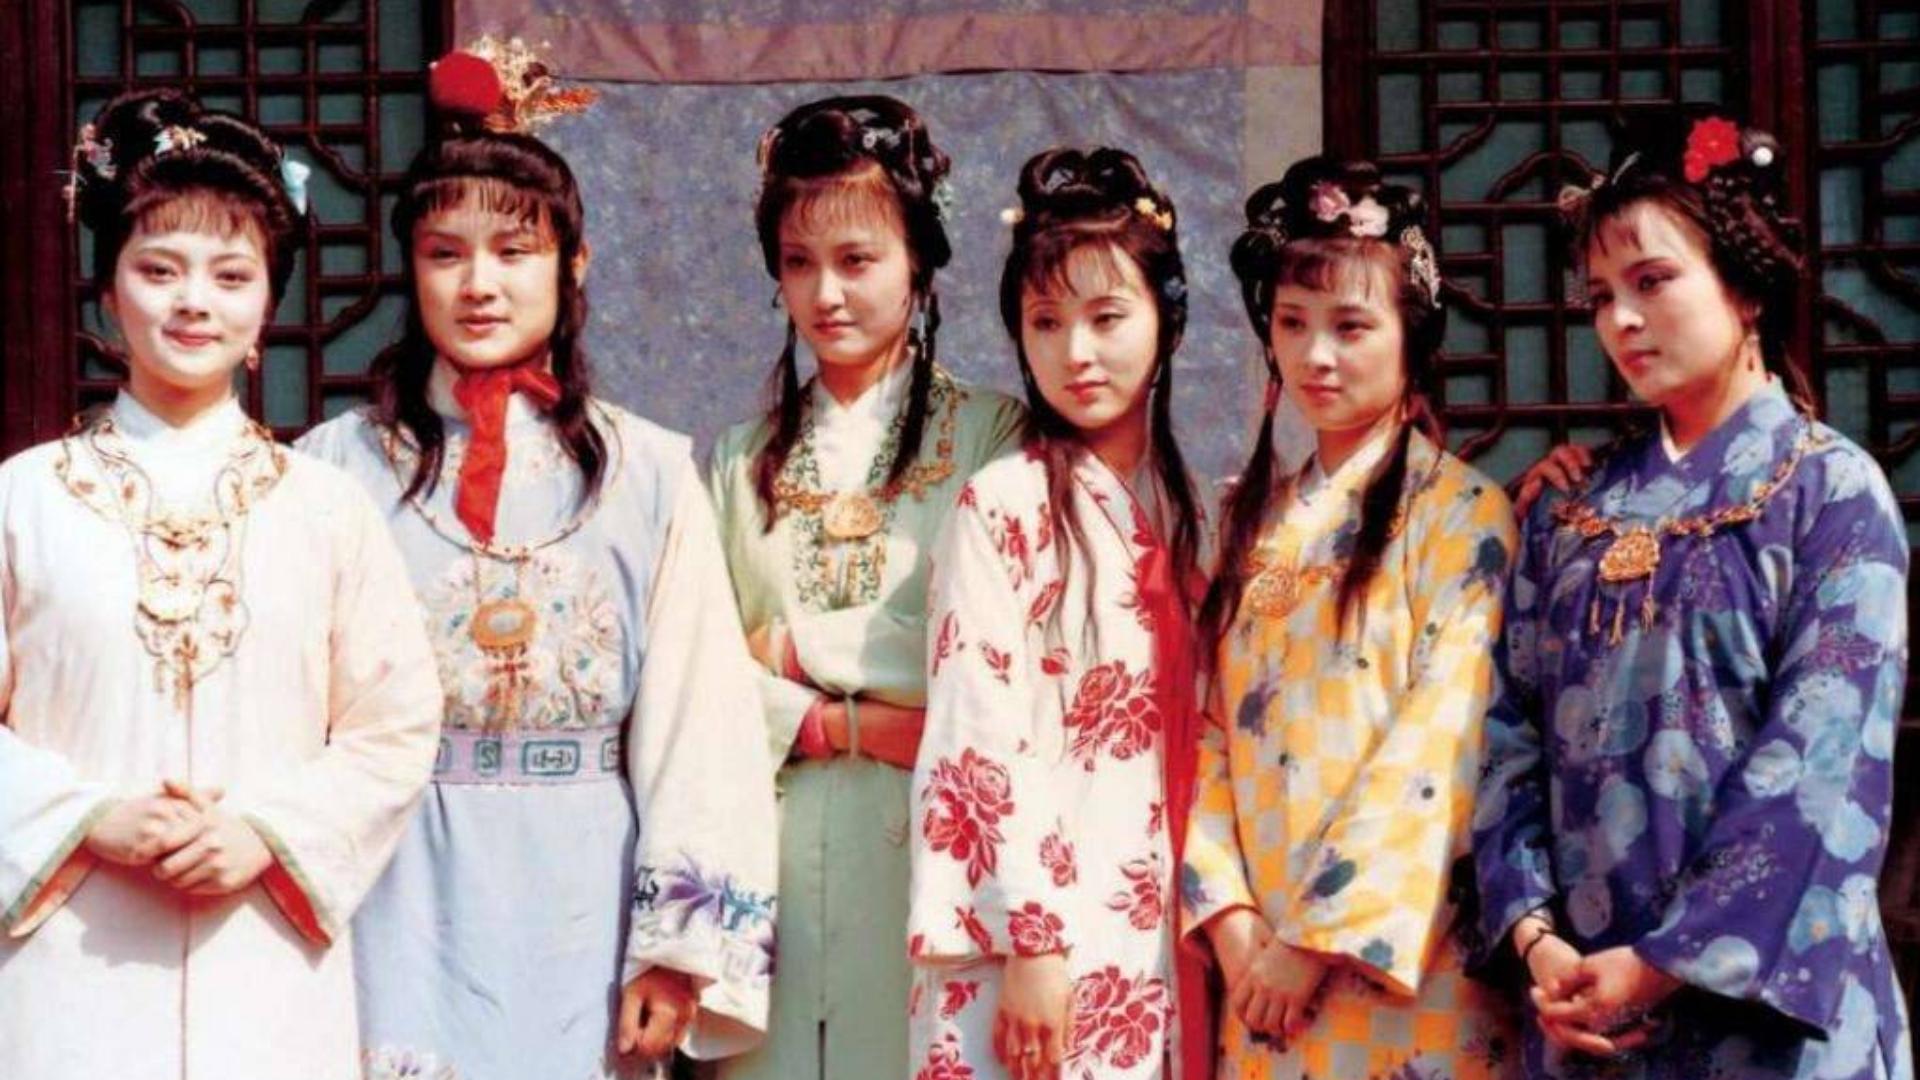 87版《红楼梦》主演聚首 邓婕不显老欧阳奋强晒合影